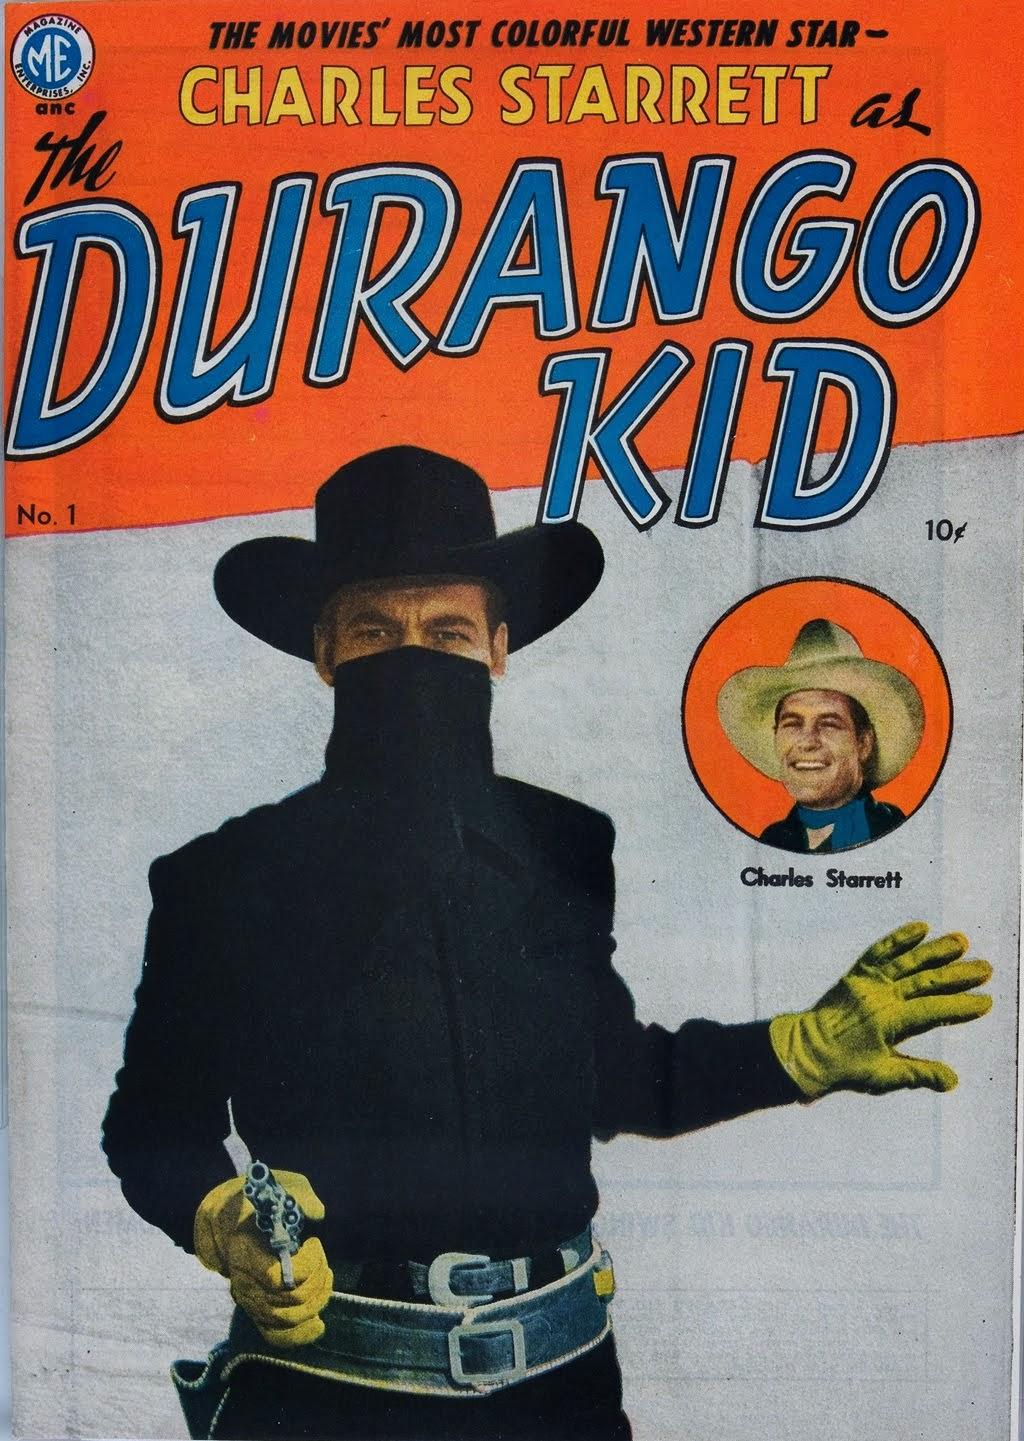 DURANGO KID (CHARLES STARRETT)